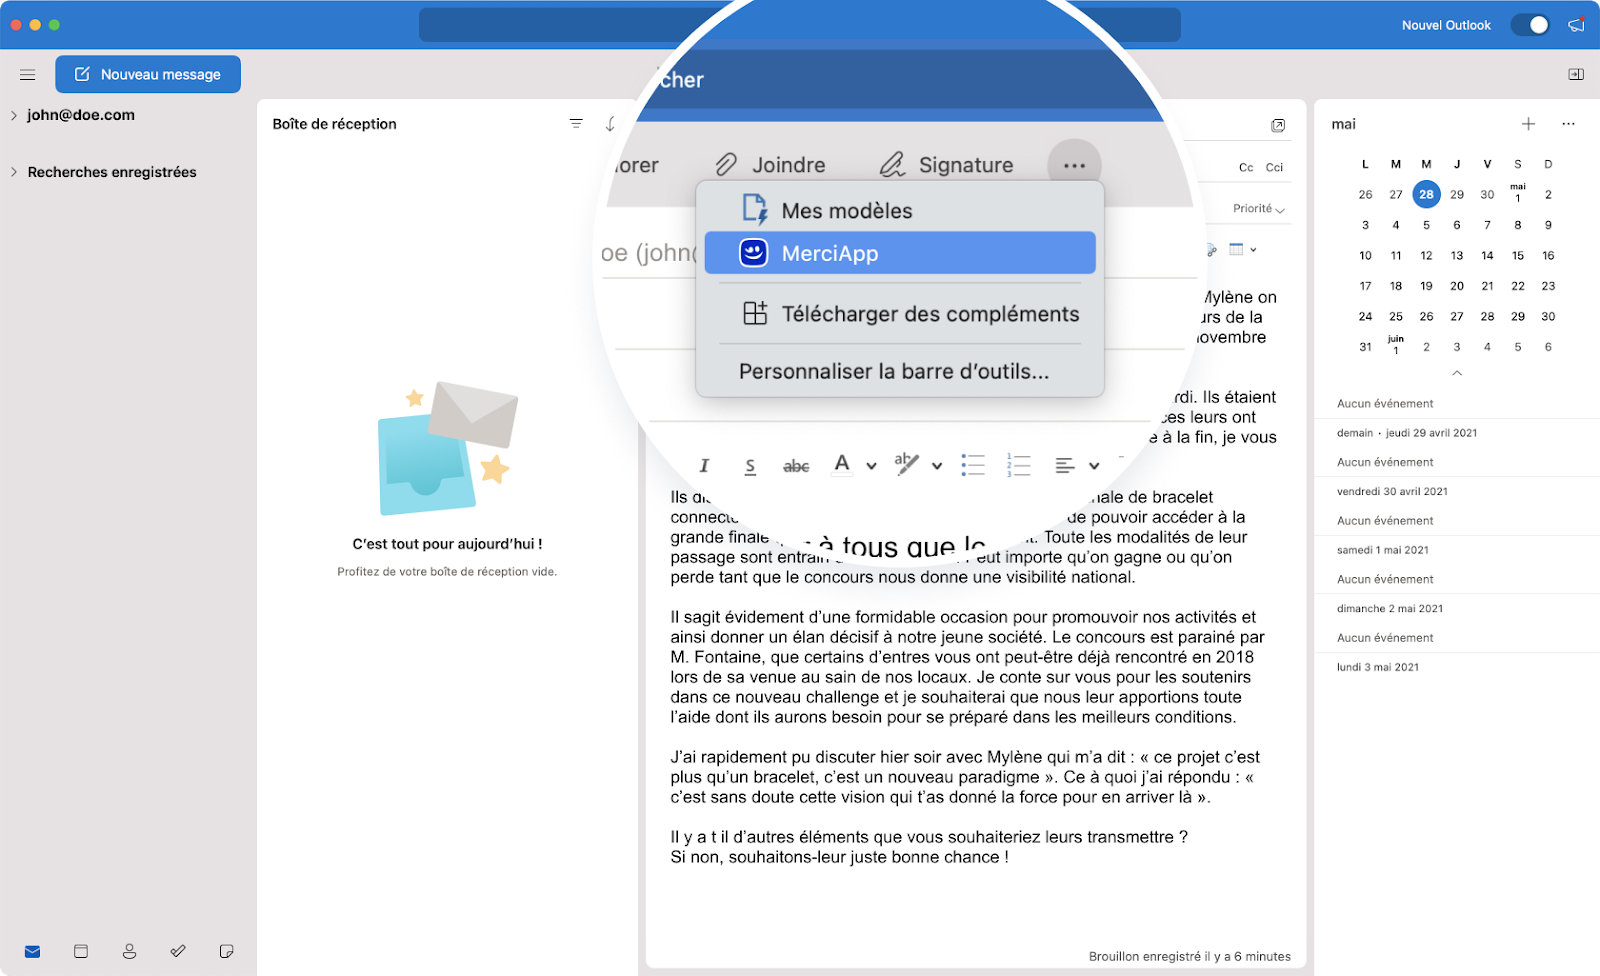 Balise alt : Activer l'extension MerciApp sur Outlook